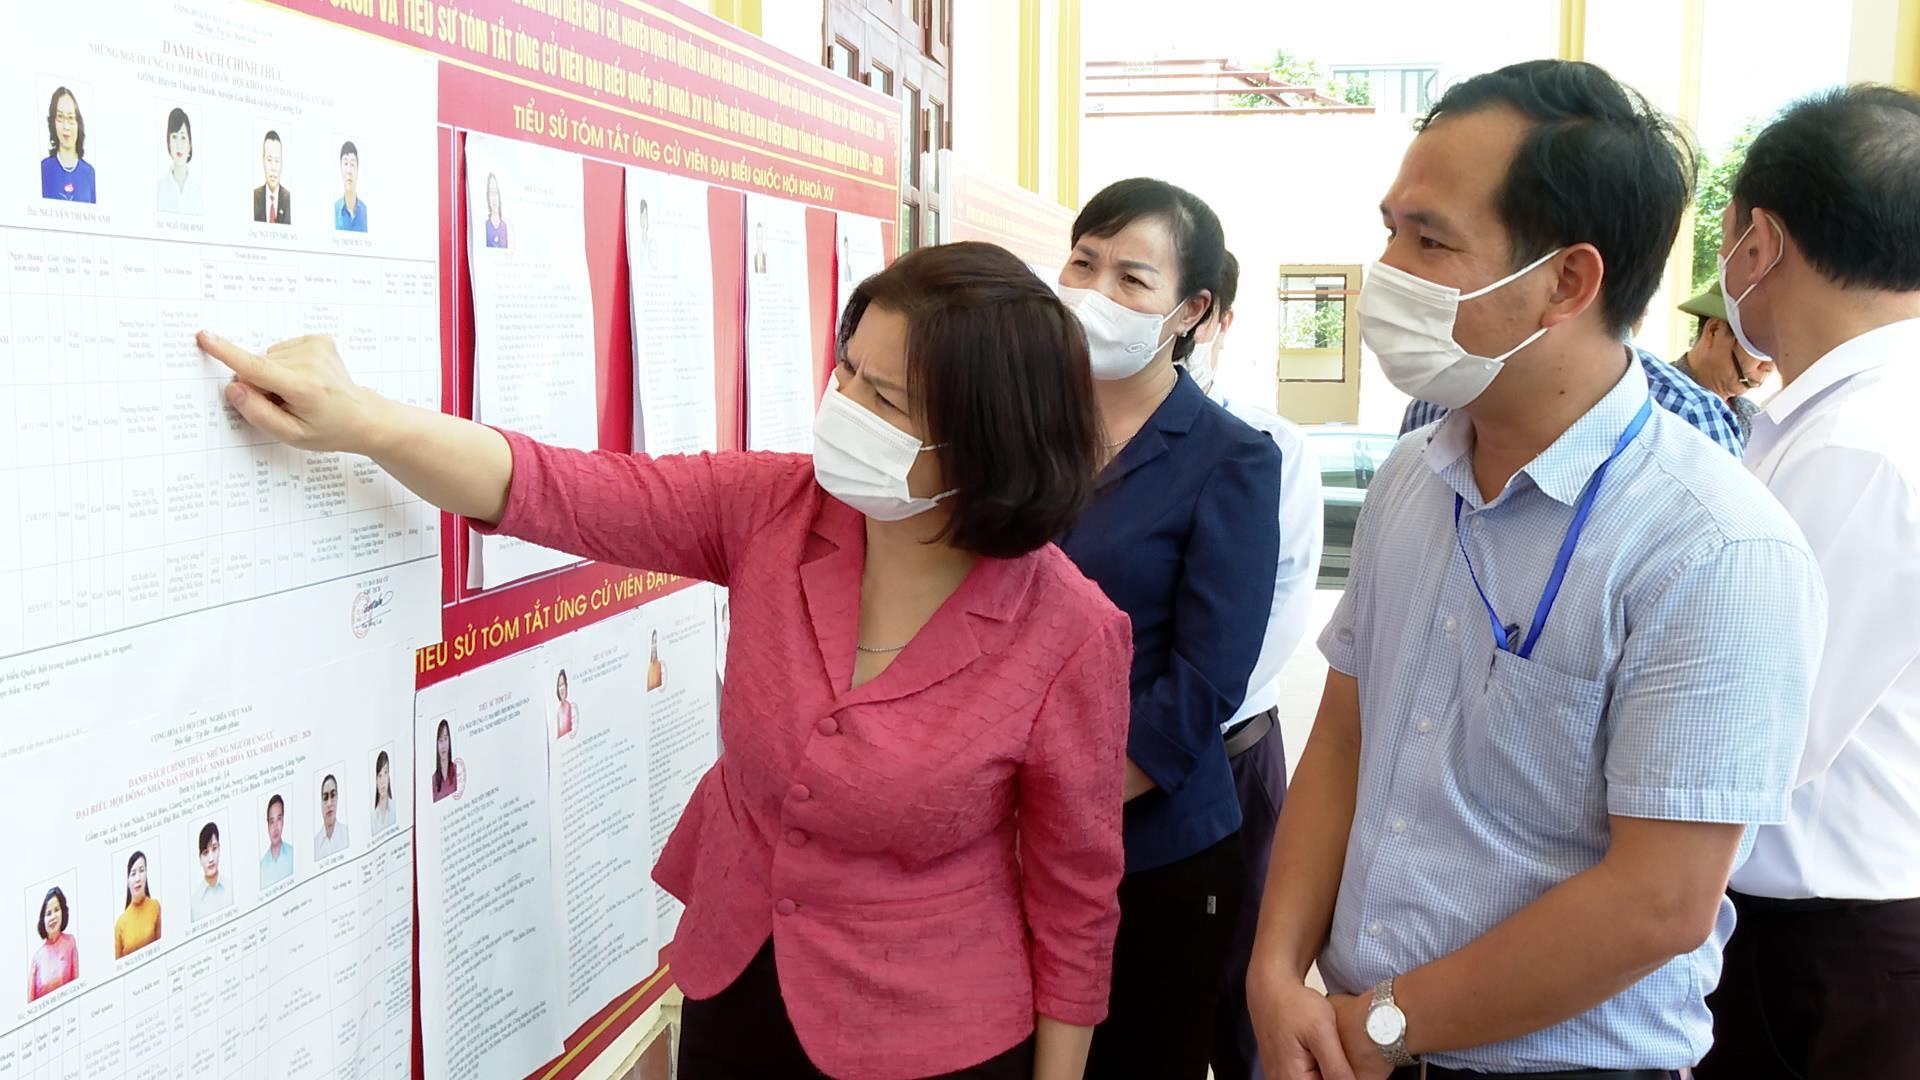 Chủ tịch UBND tỉnh kiểm tra công tác chuẩn bị bầu cử tại huyện Gia Bình